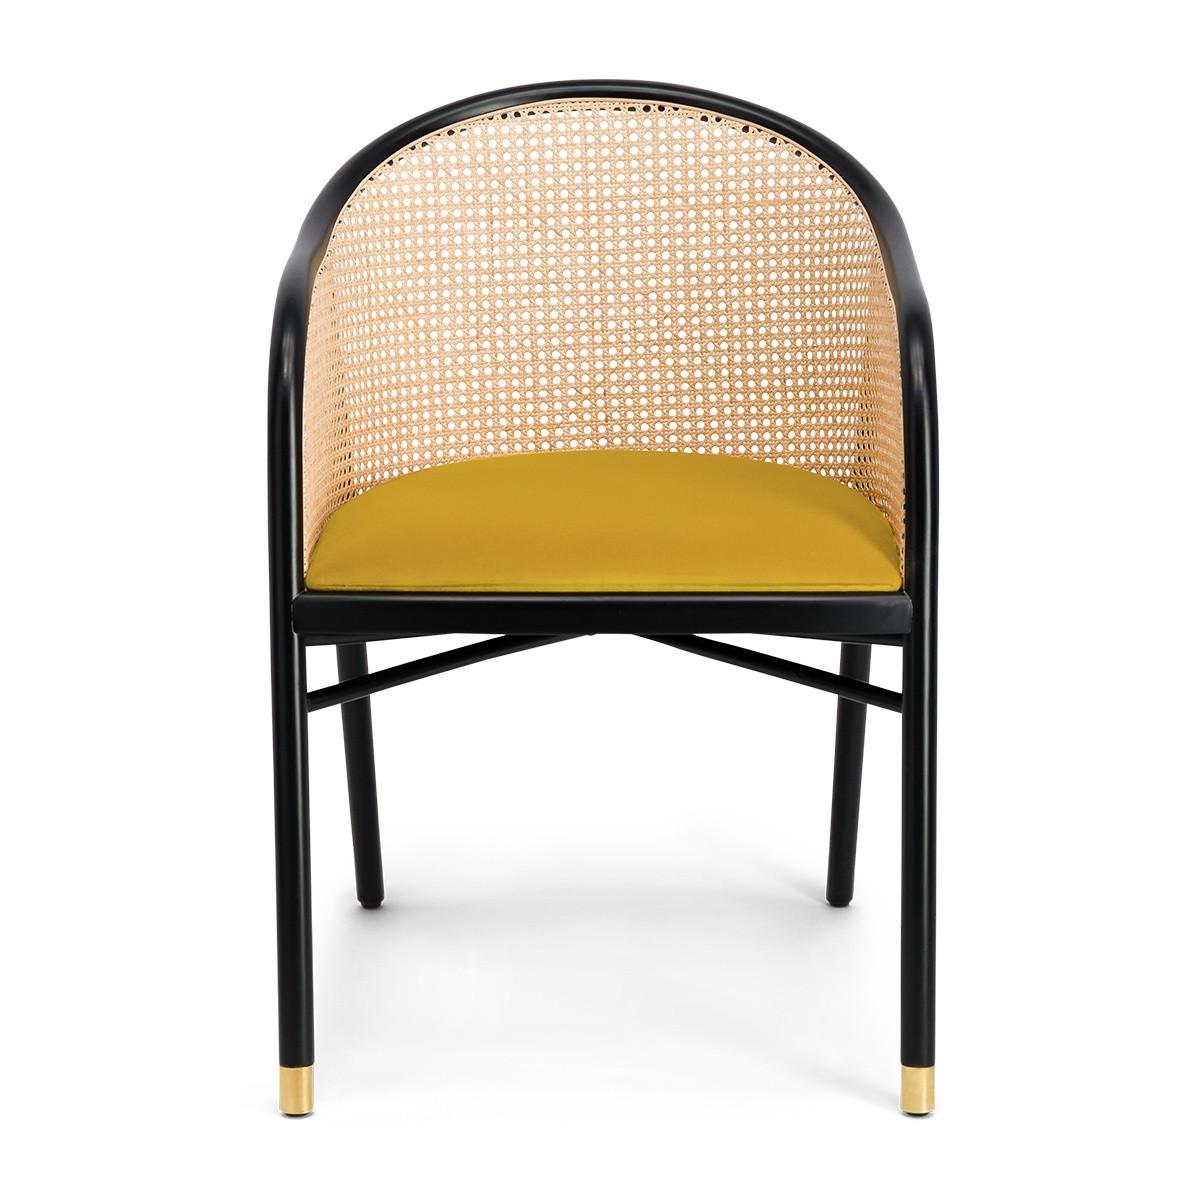 Fauteuil Cavallo noir velours jaune